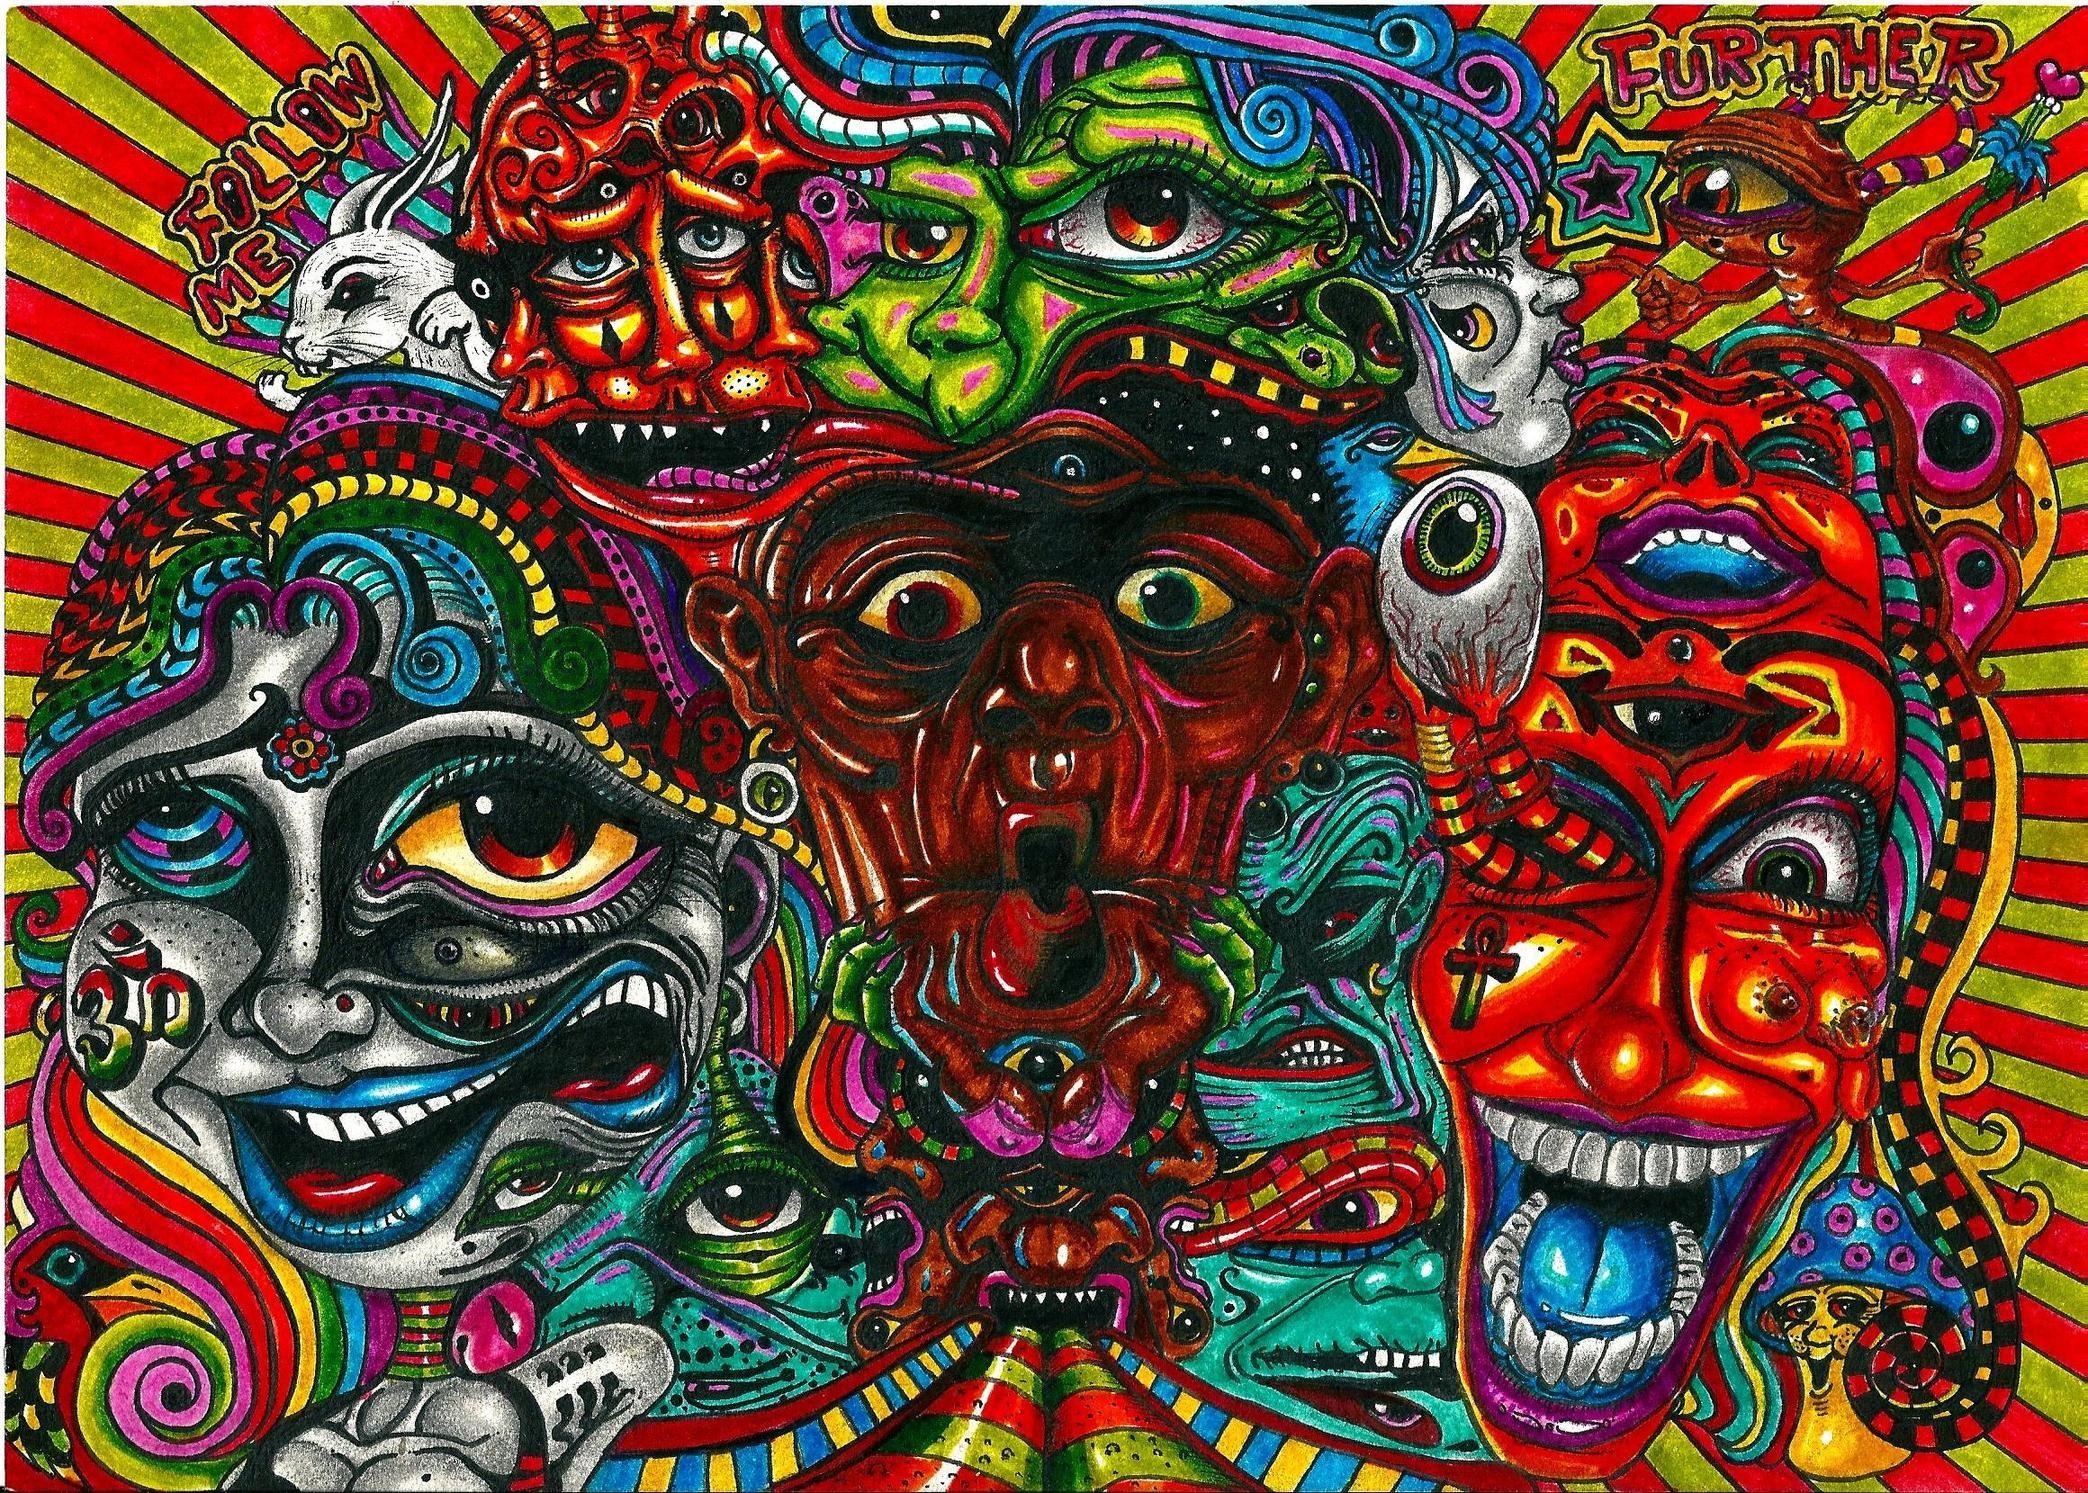 2088x1493 Collection Neon Acid Trip Wallpaper Download 1920x1200 Alien Wallpapers